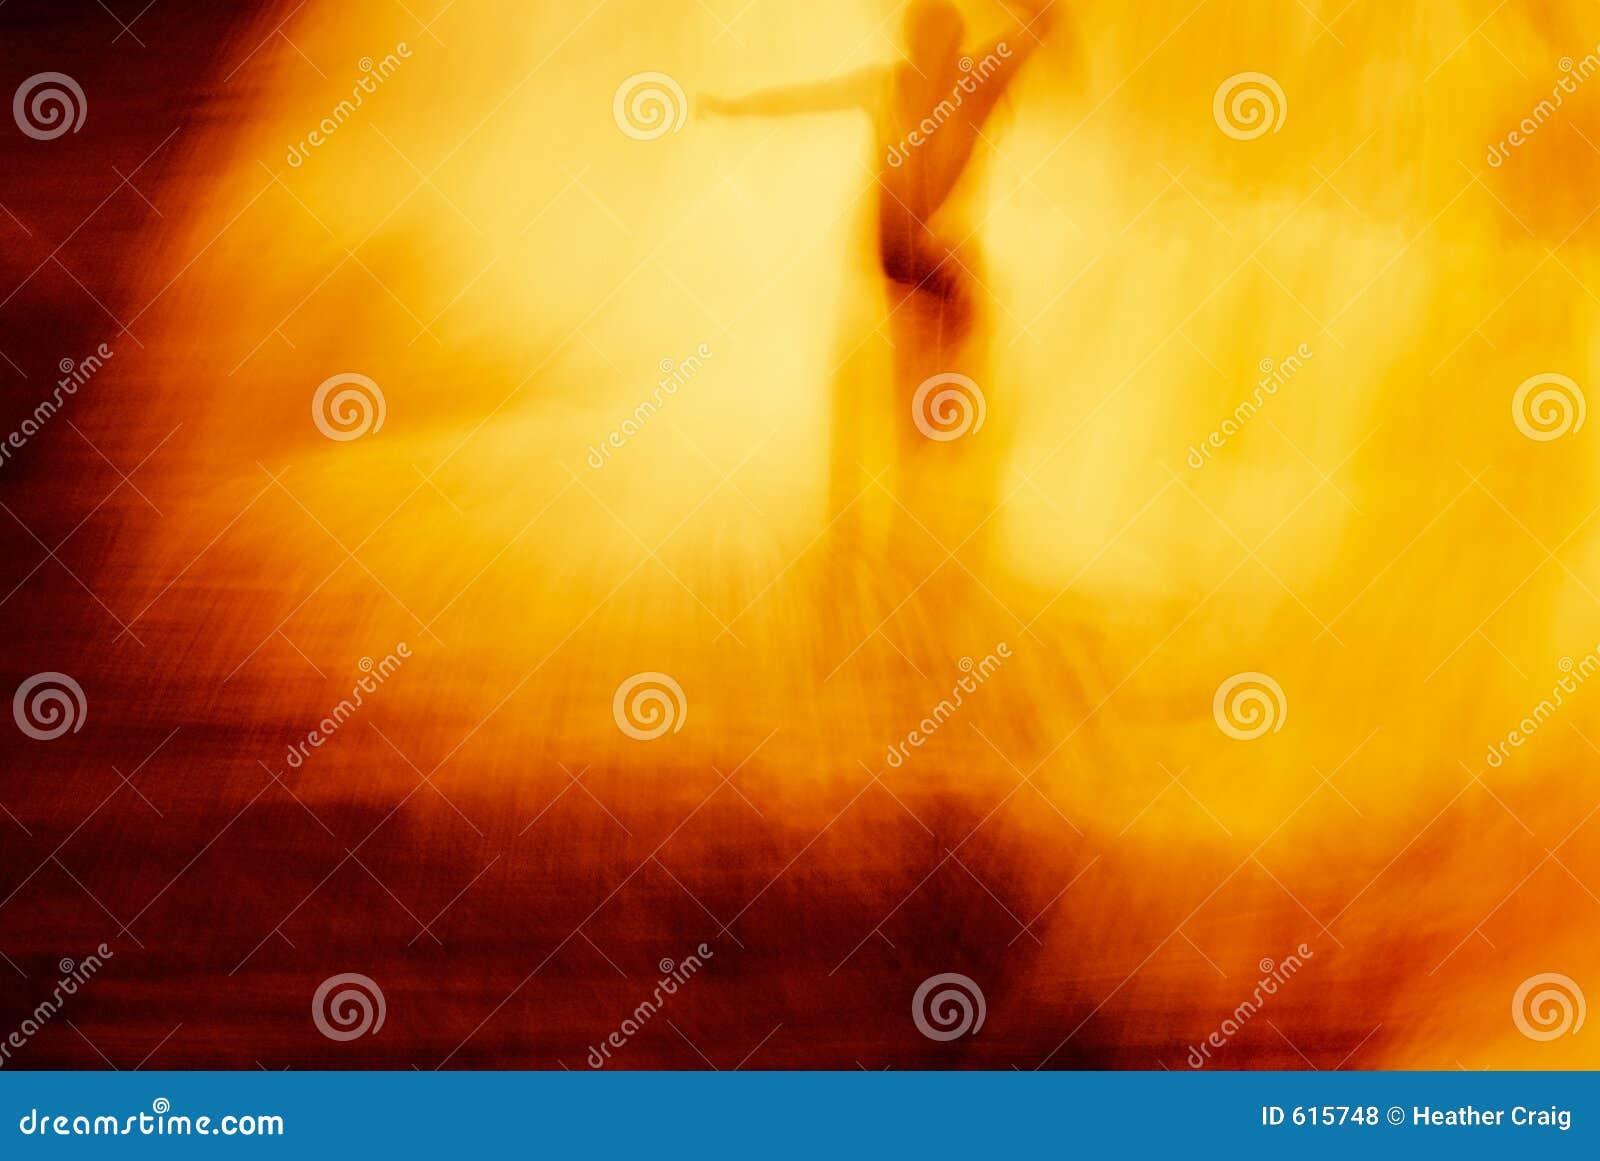 Het Onduidelijke beeld van Grunge: Mens in Brand